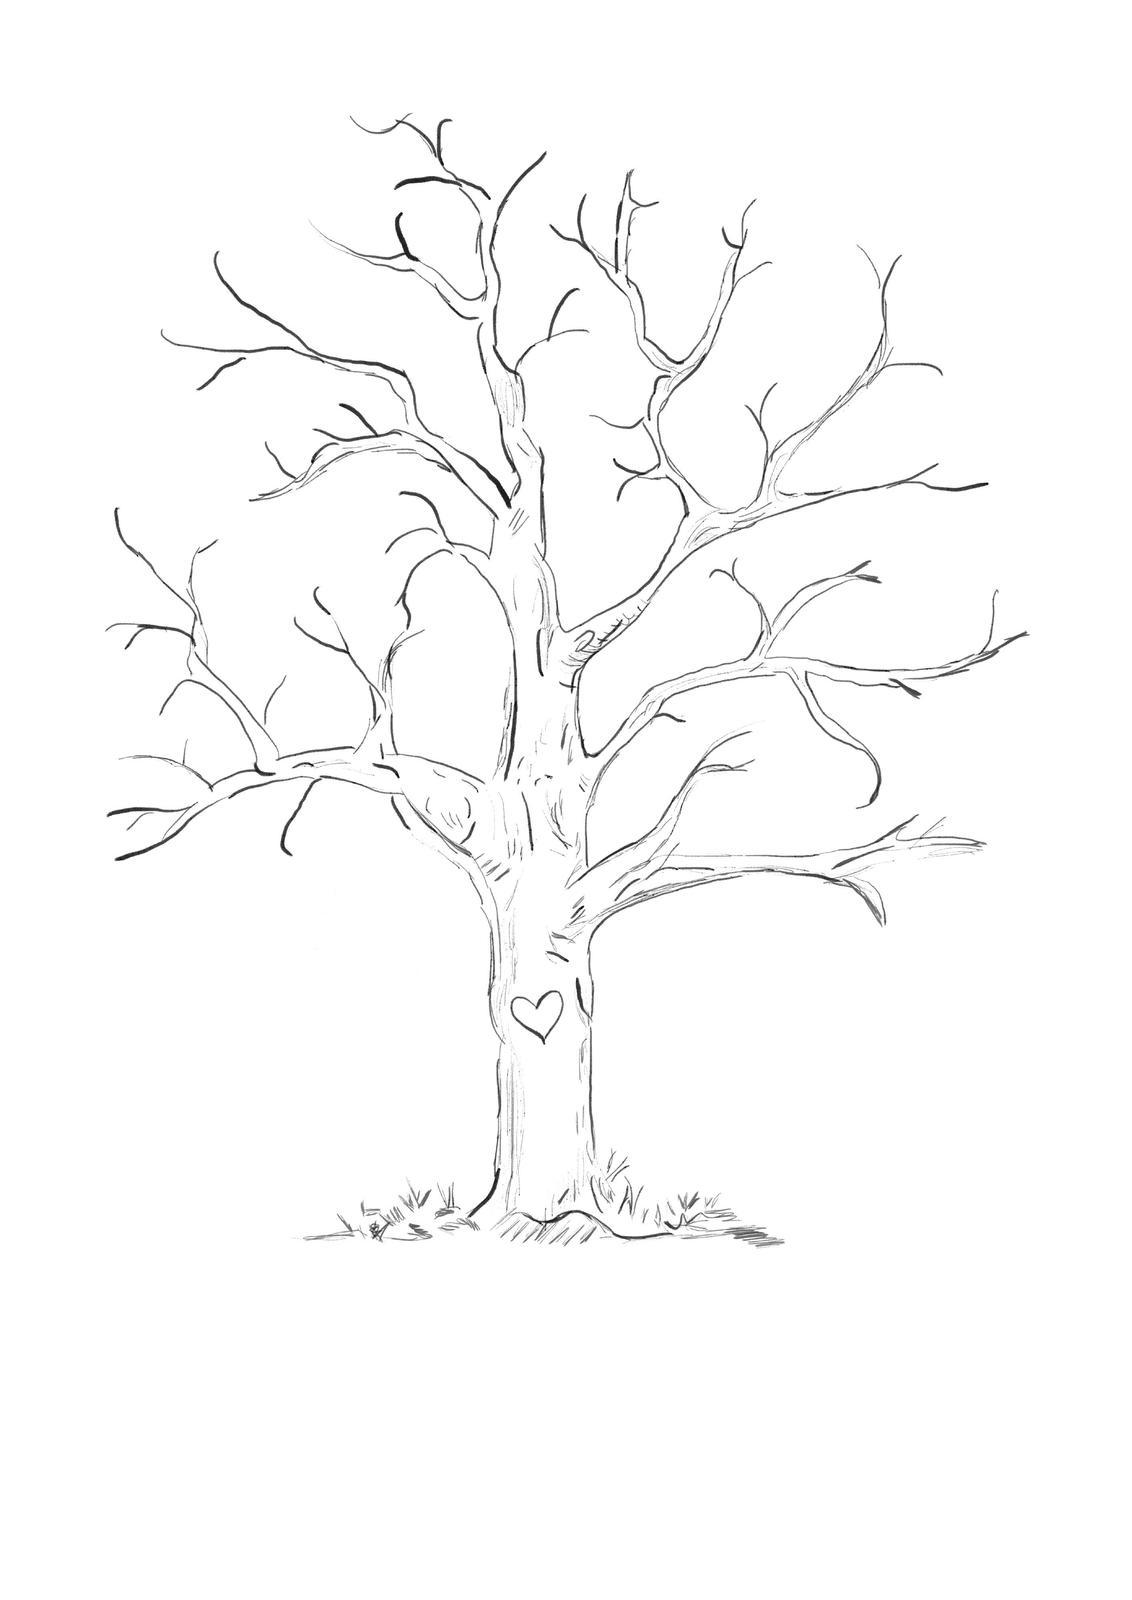 Svatba-eshop - Obrázek č. 26